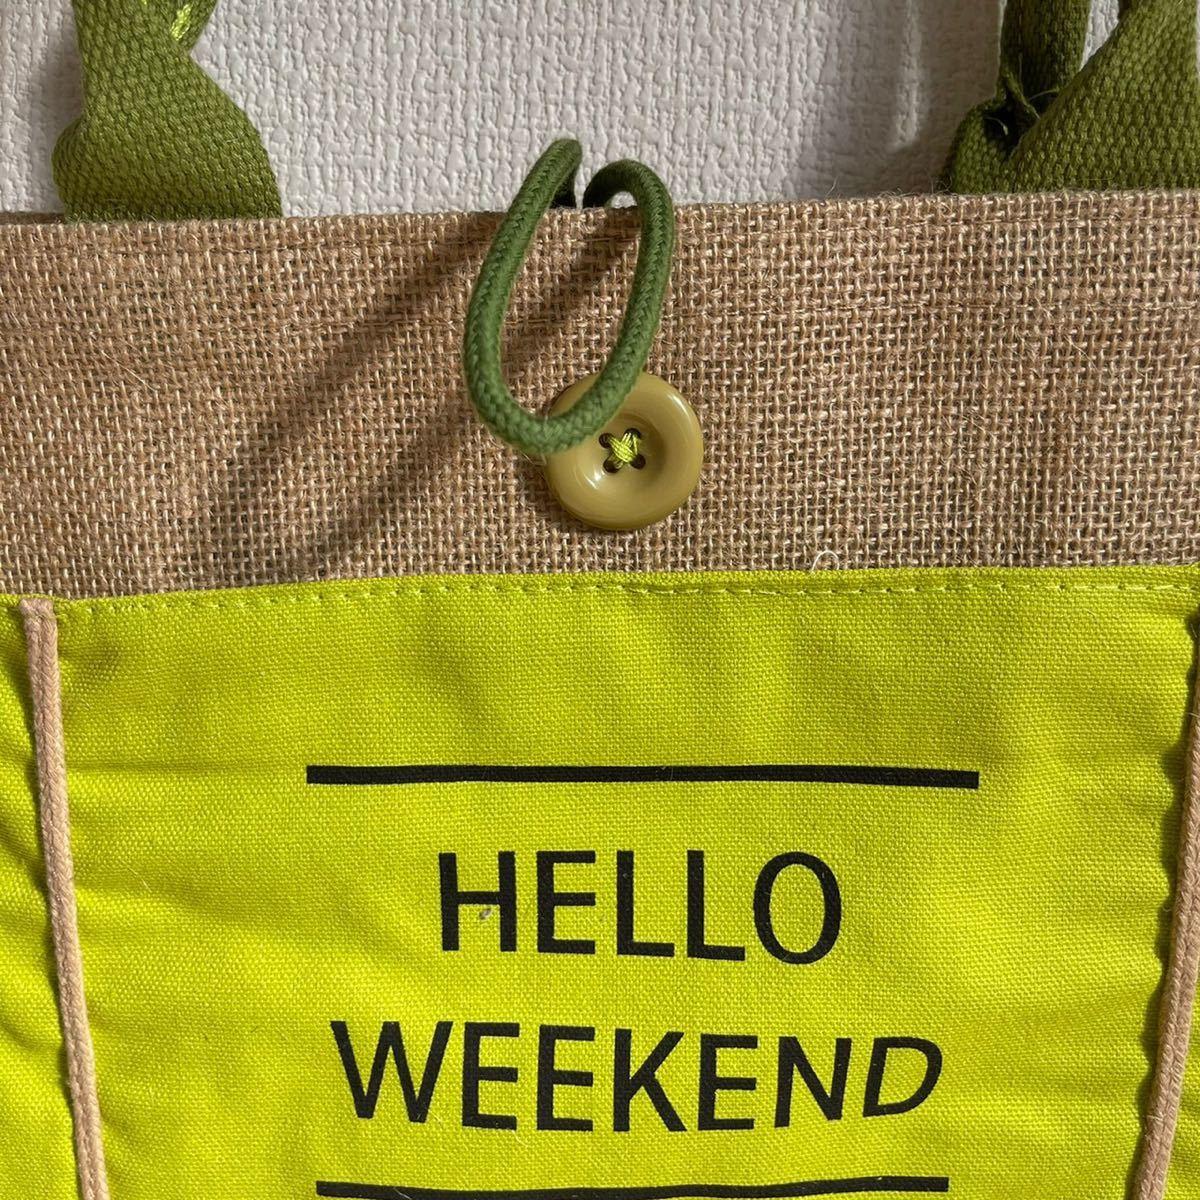 ジュートバッグ 春 夏 トートバッグ ロゴバッグ 緑 麻バッグ ロゴ入り 韓国 ミニバッグ エコバッグ マザーズバッグ リゾート